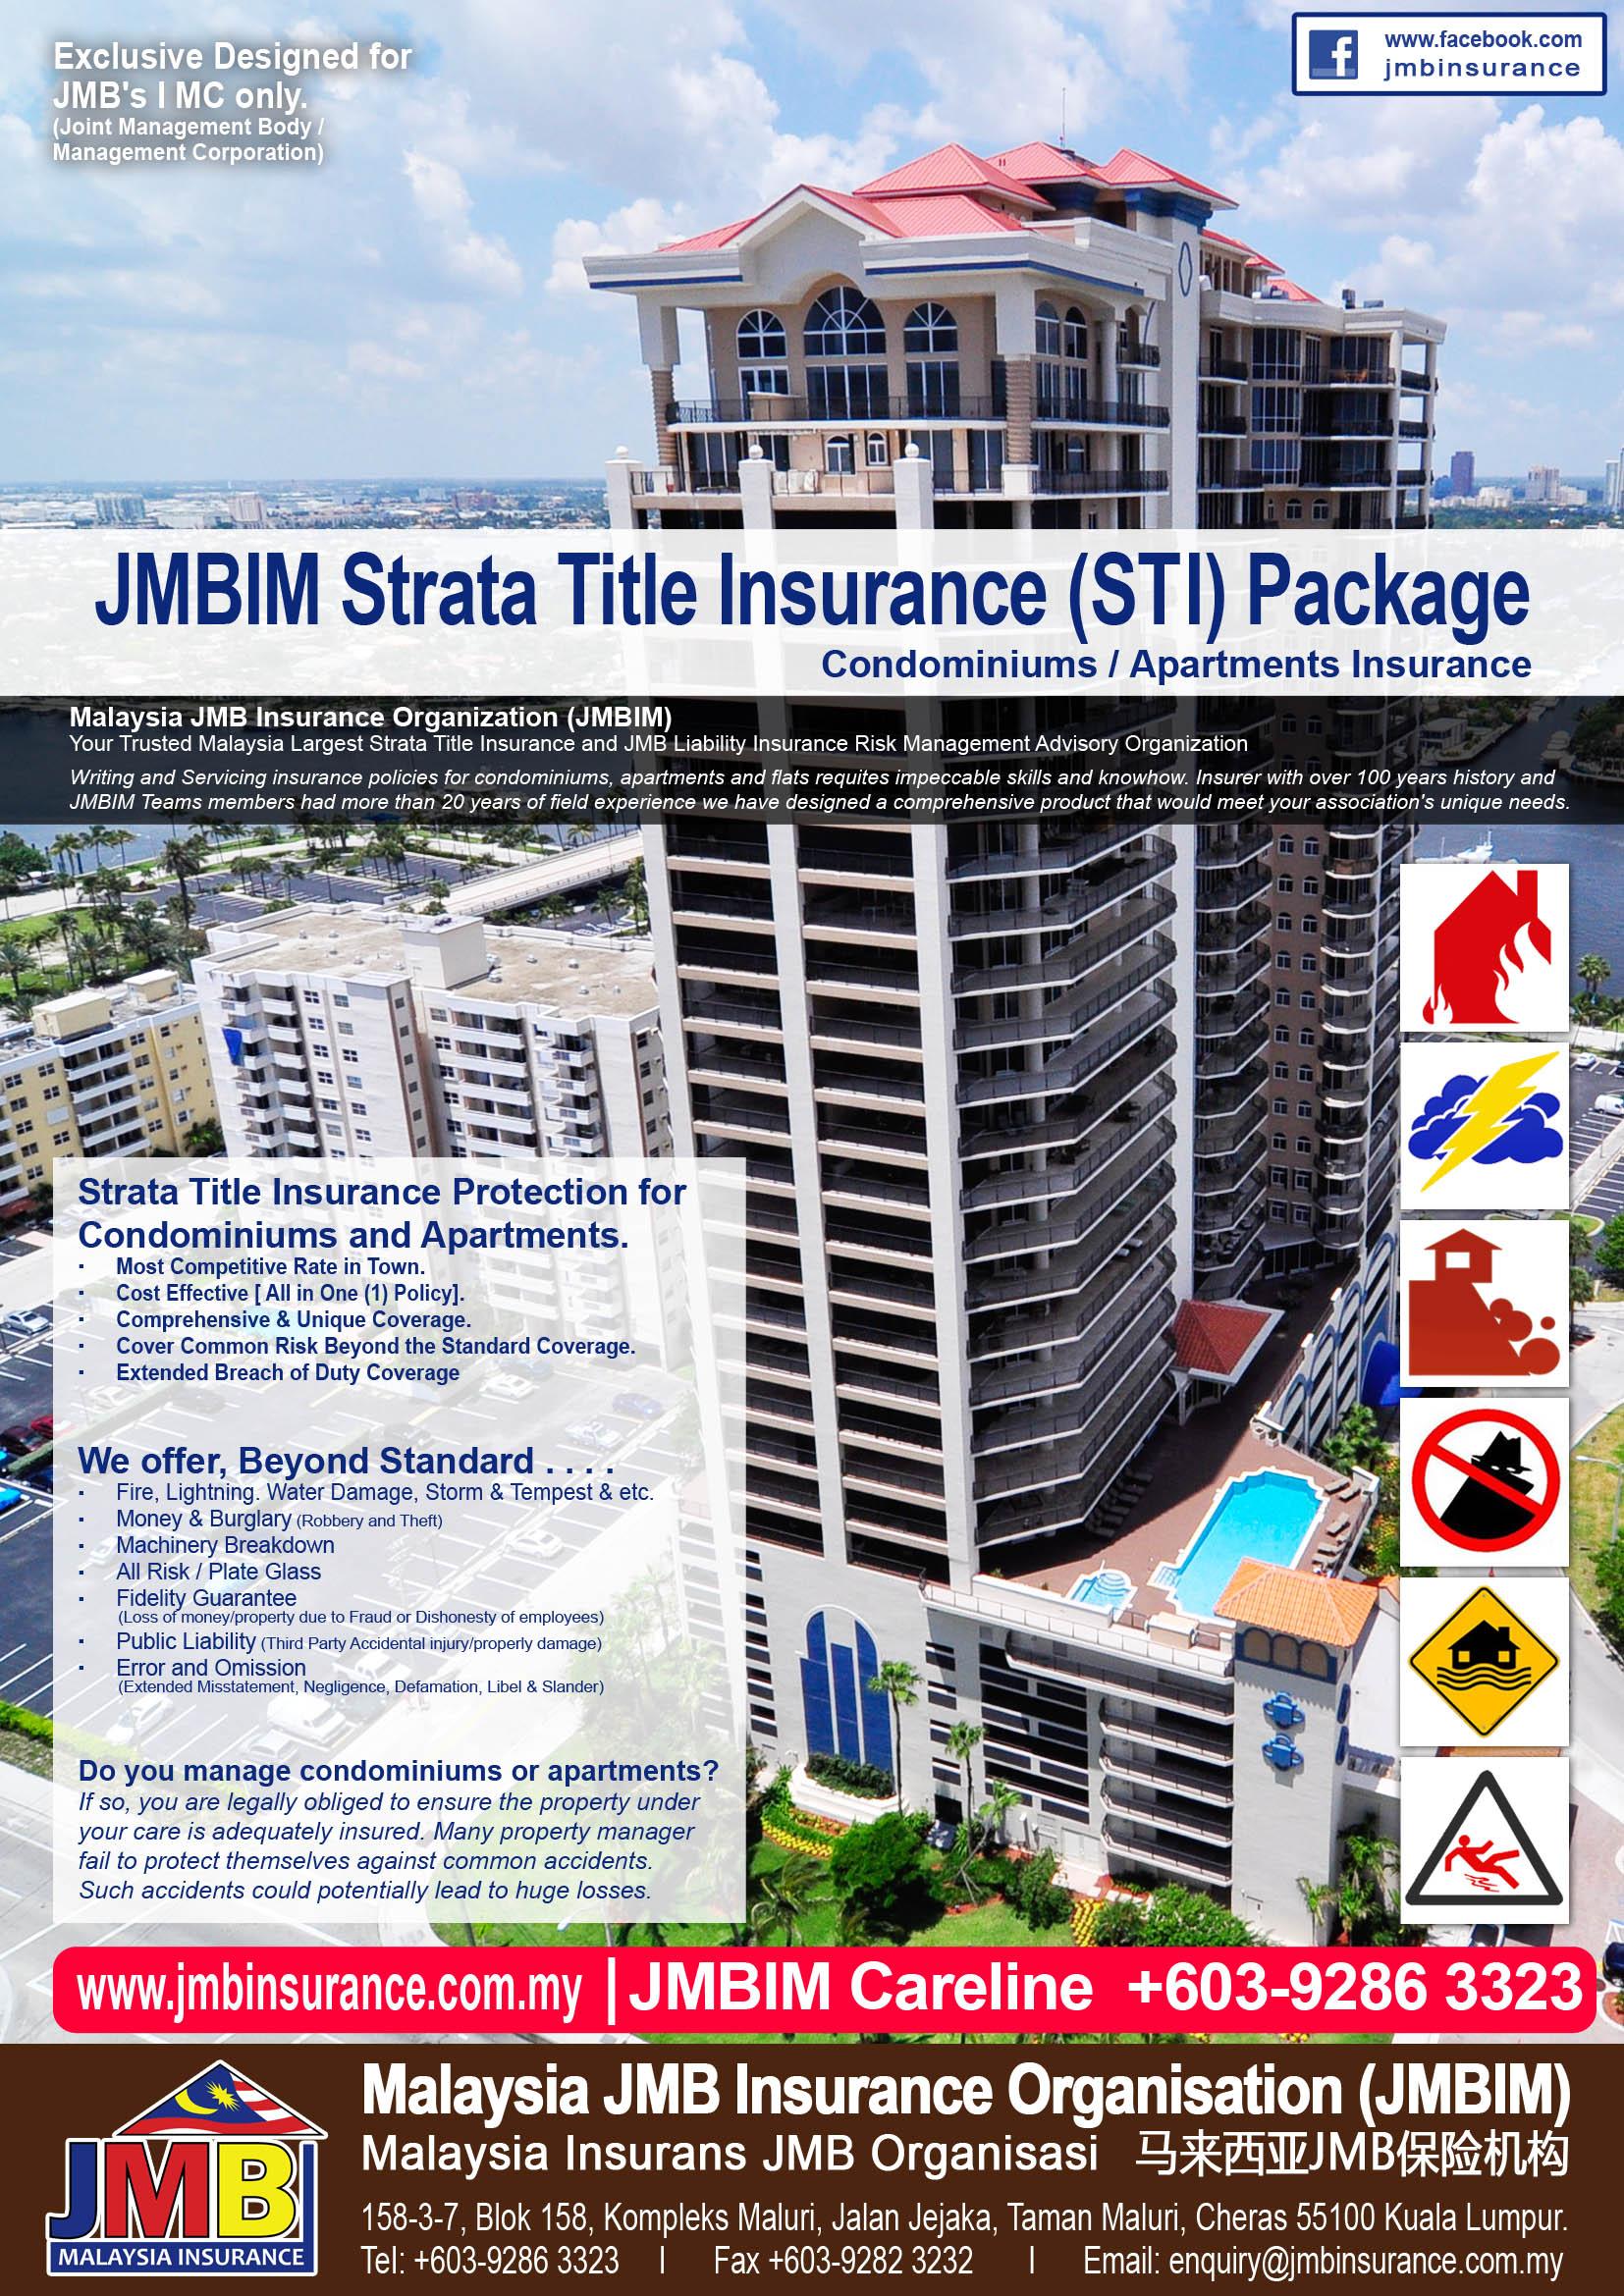 Malaysia Strata Title Insurance and JMB Liability Insurance Plan